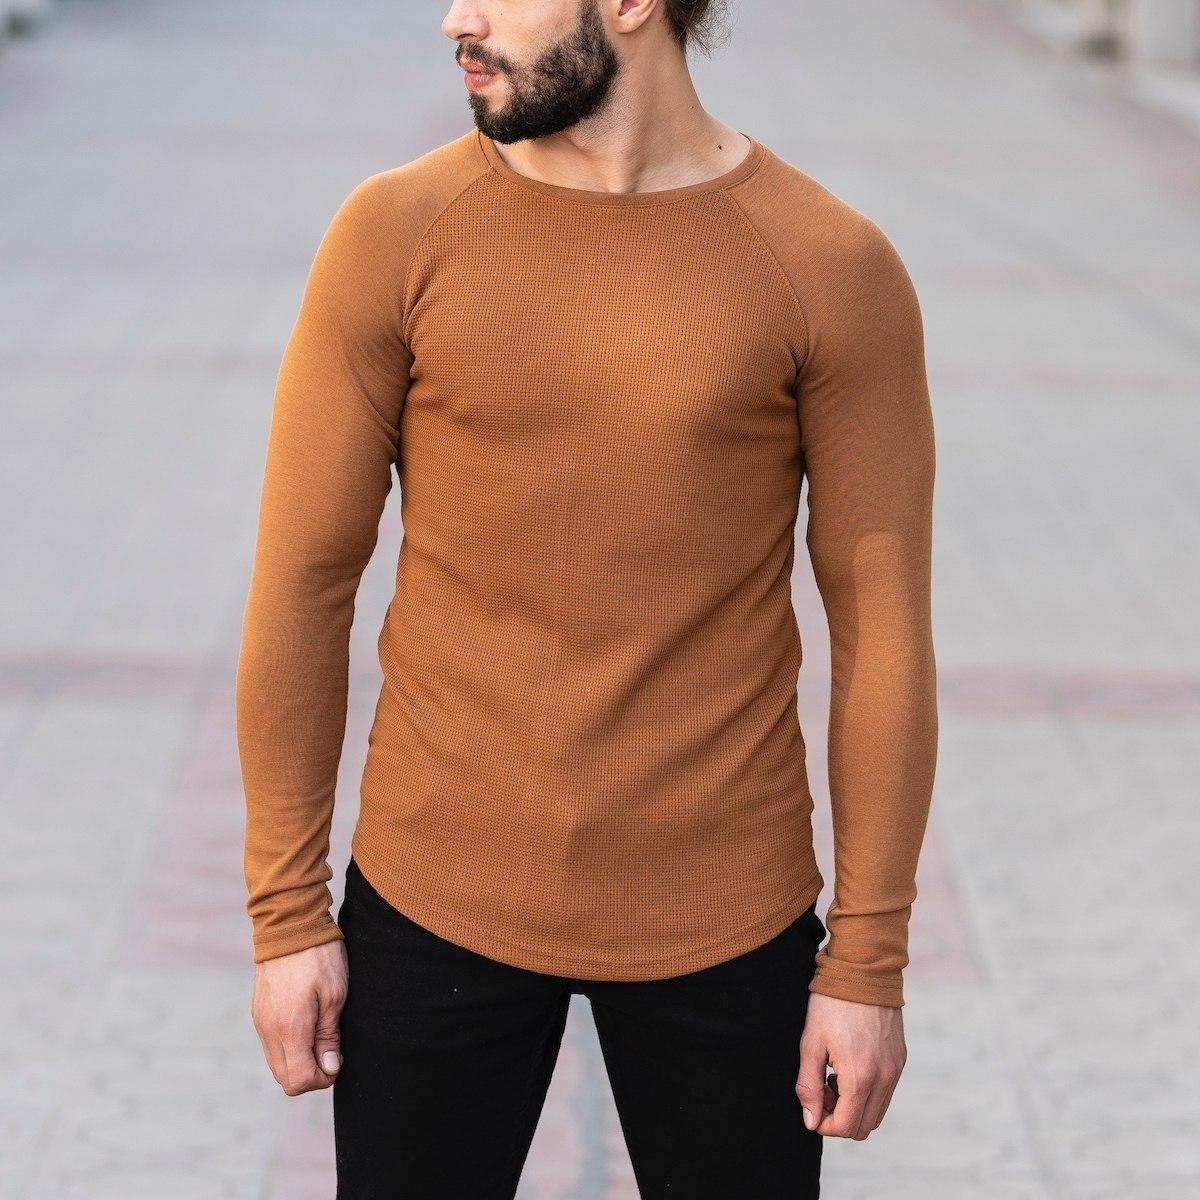 Dotwork Sweatshirt In Brown Mv Premium Brand - 2